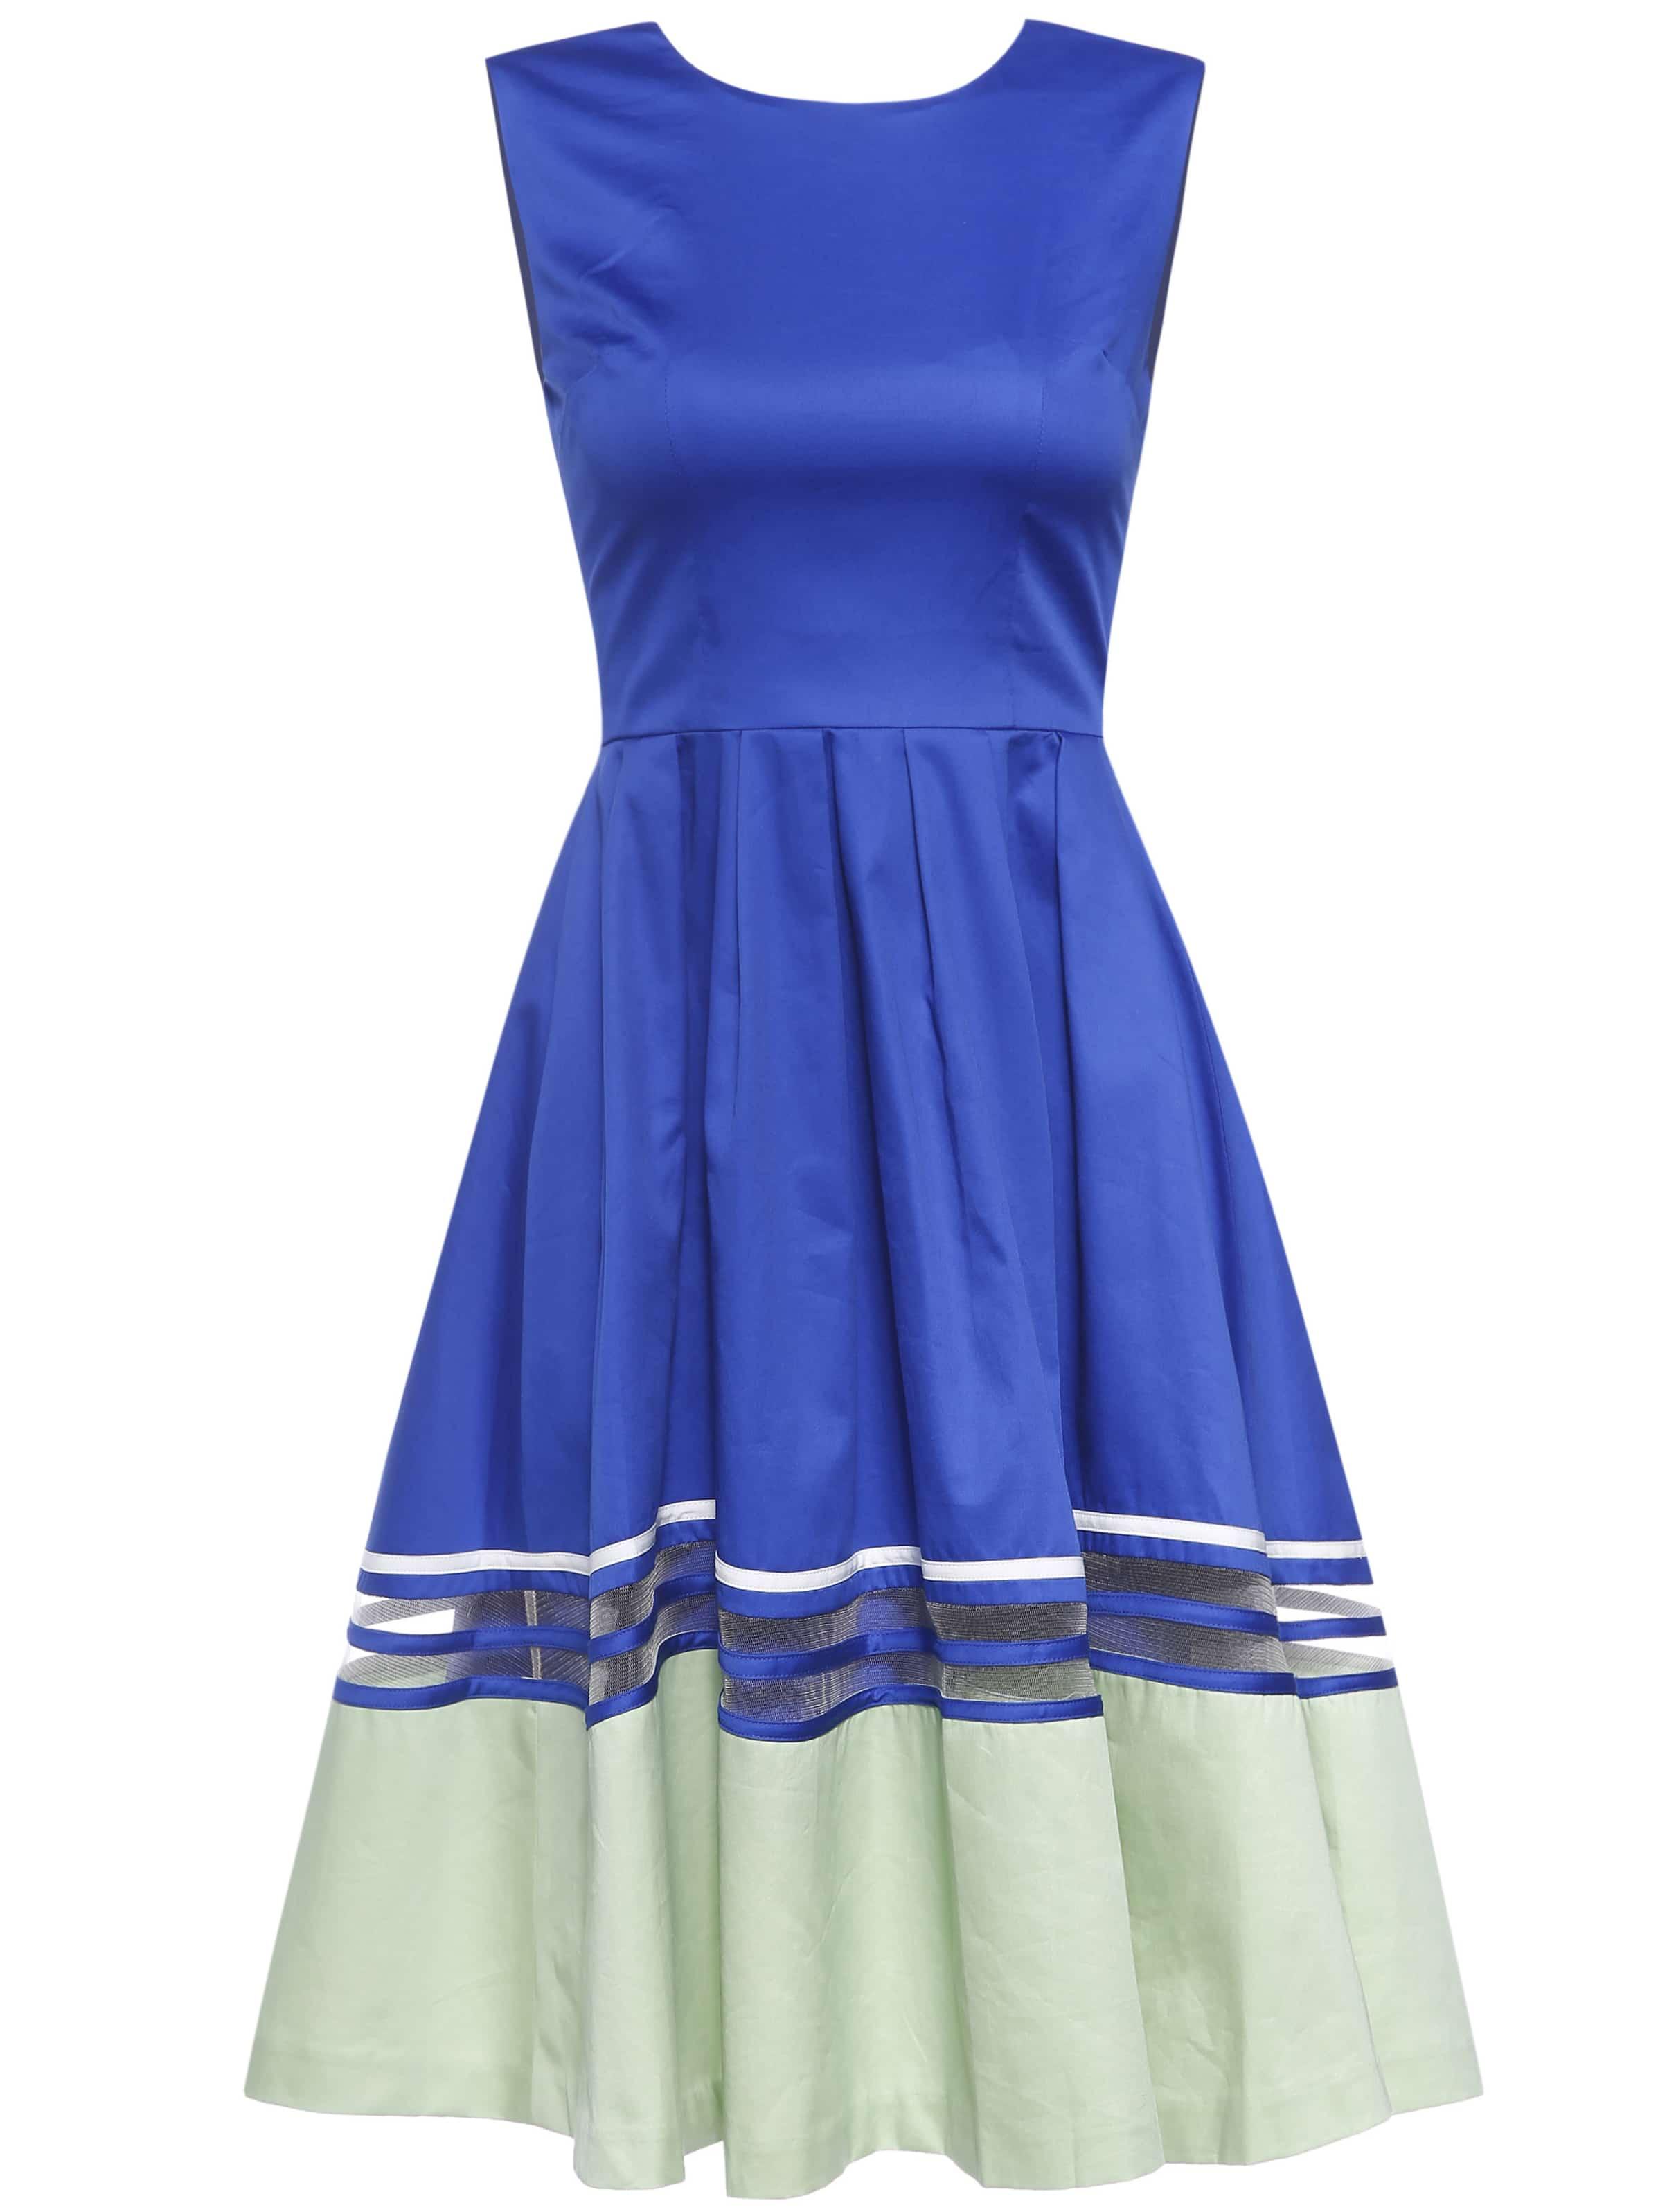 Купить со скидкой Blue Sheer Color Block A-Line Dress